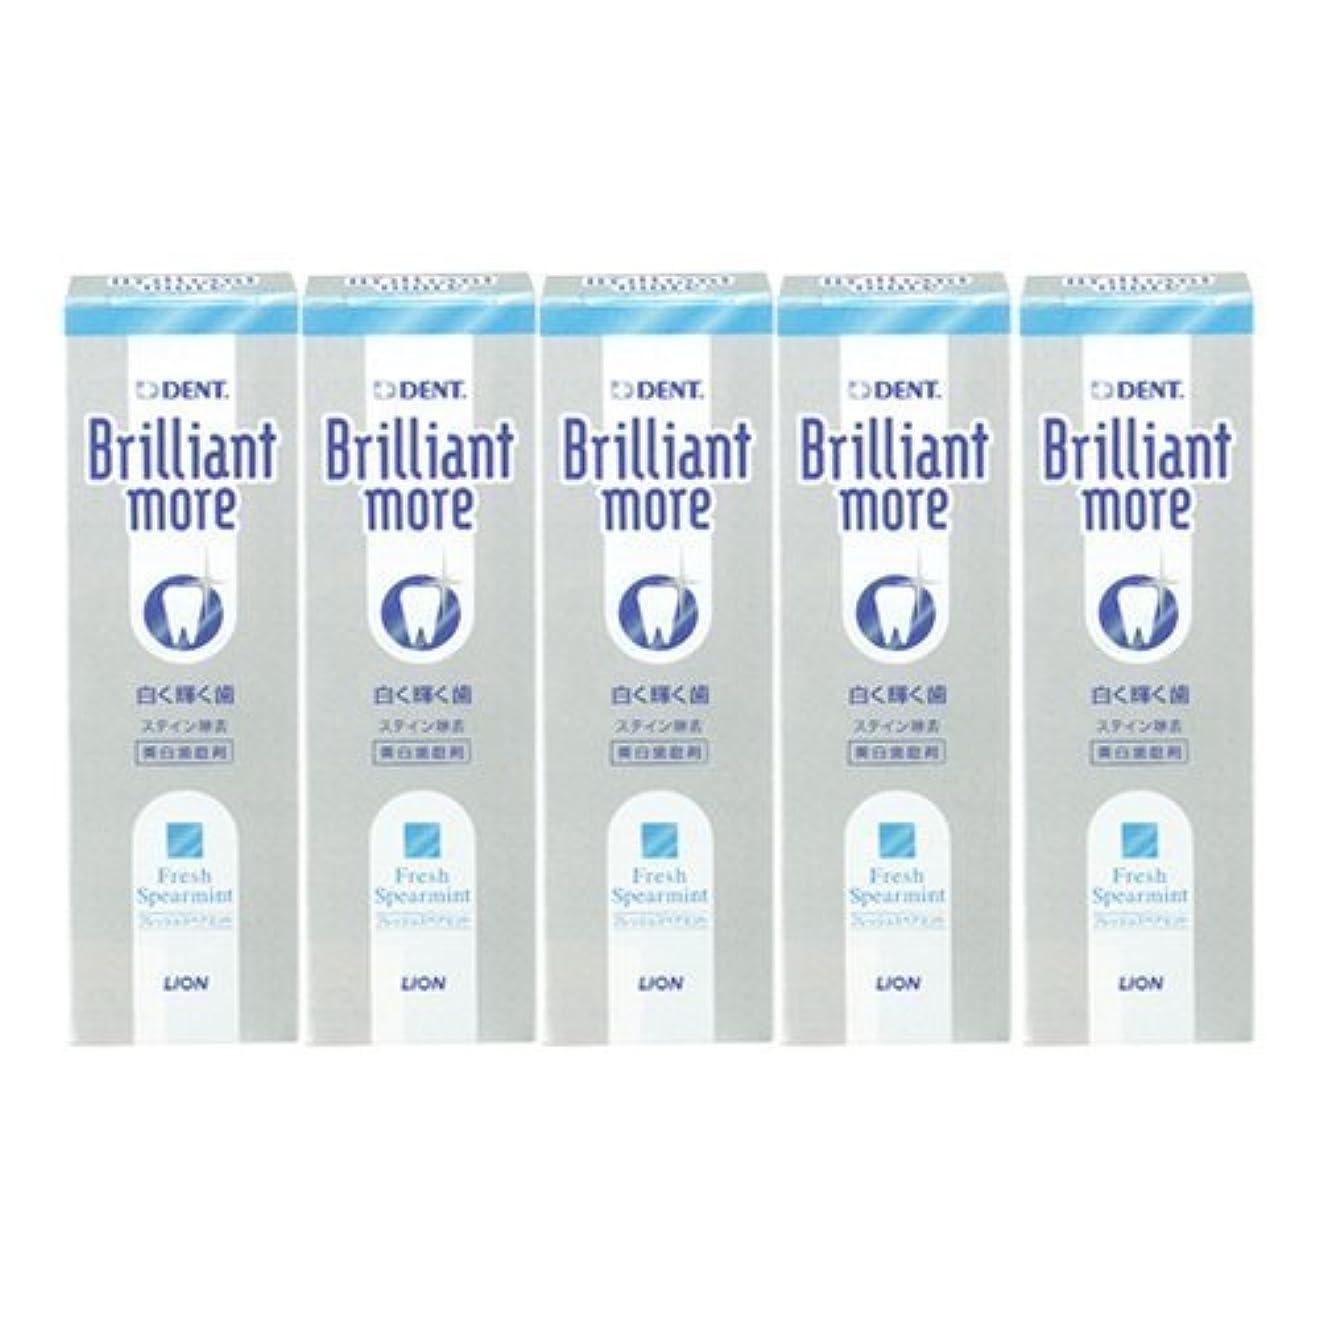 やむを得ないモザイクくまライオン ブリリアントモア フレッシュスペアミント 美白歯磨剤 LION Brilliant more 5本セット